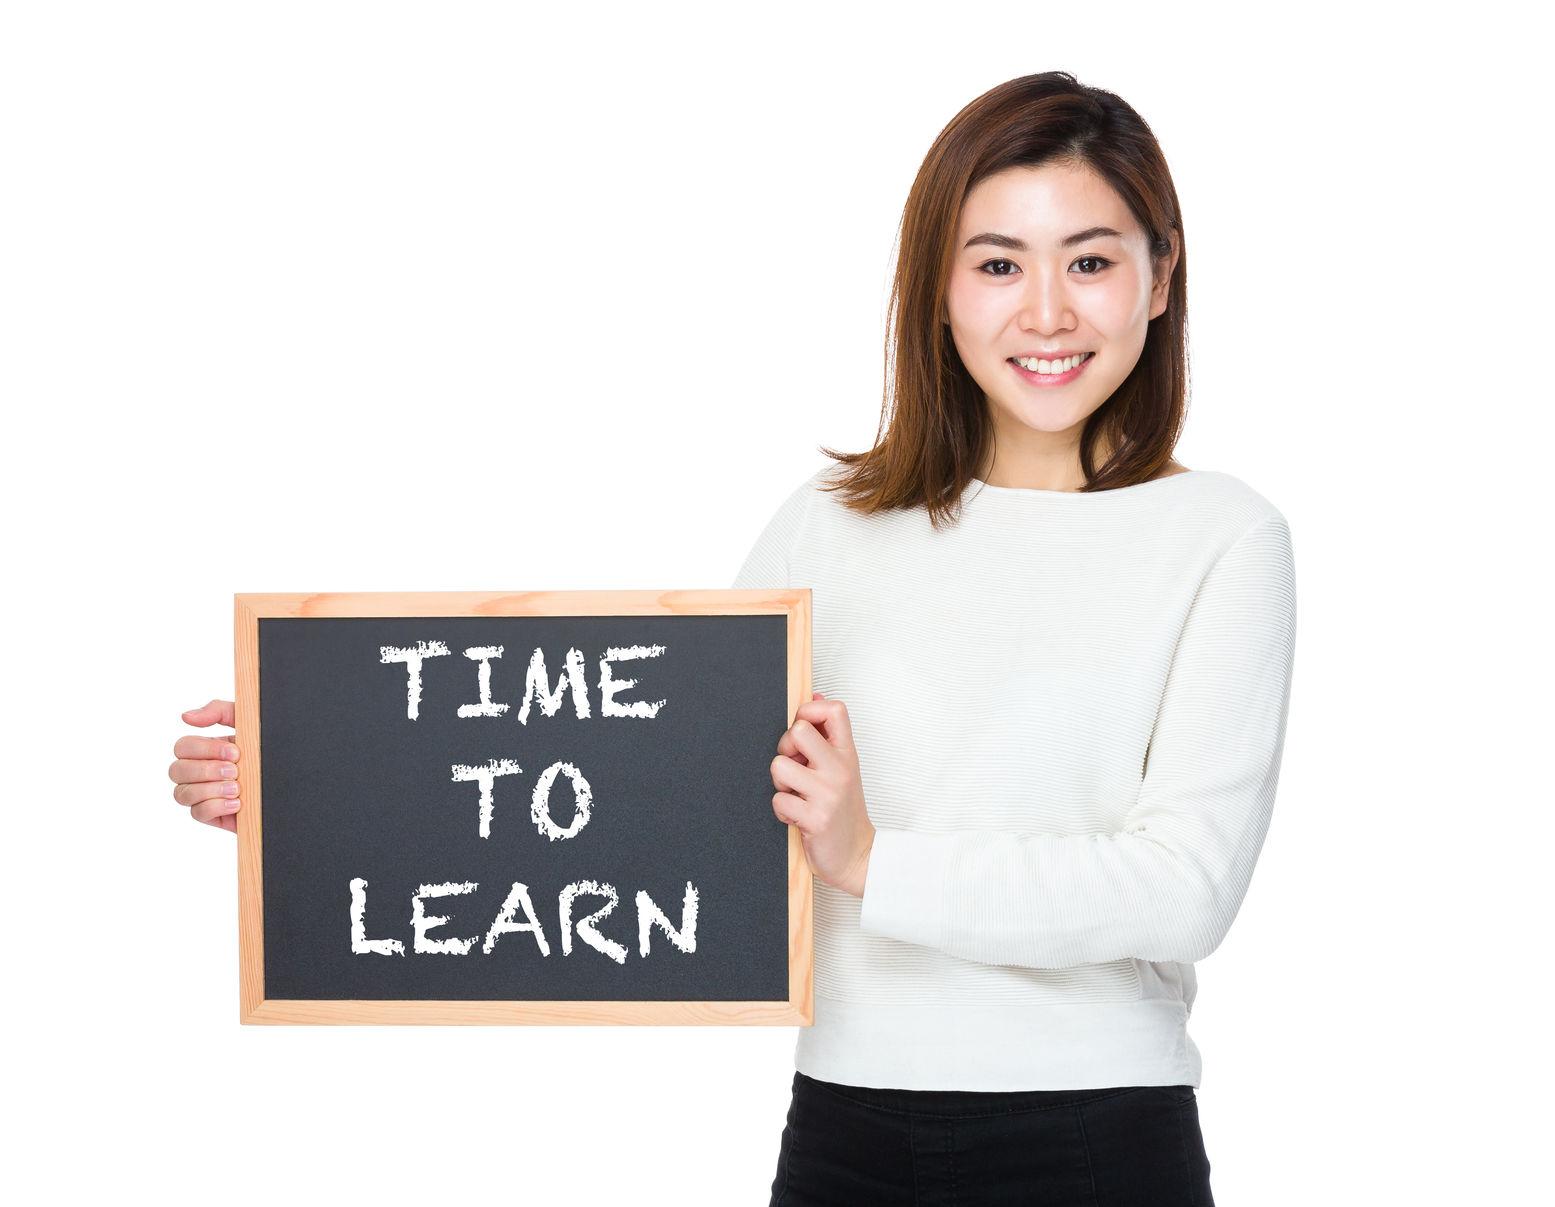 网上学英语靠谱吗?网上学英语哪家好?